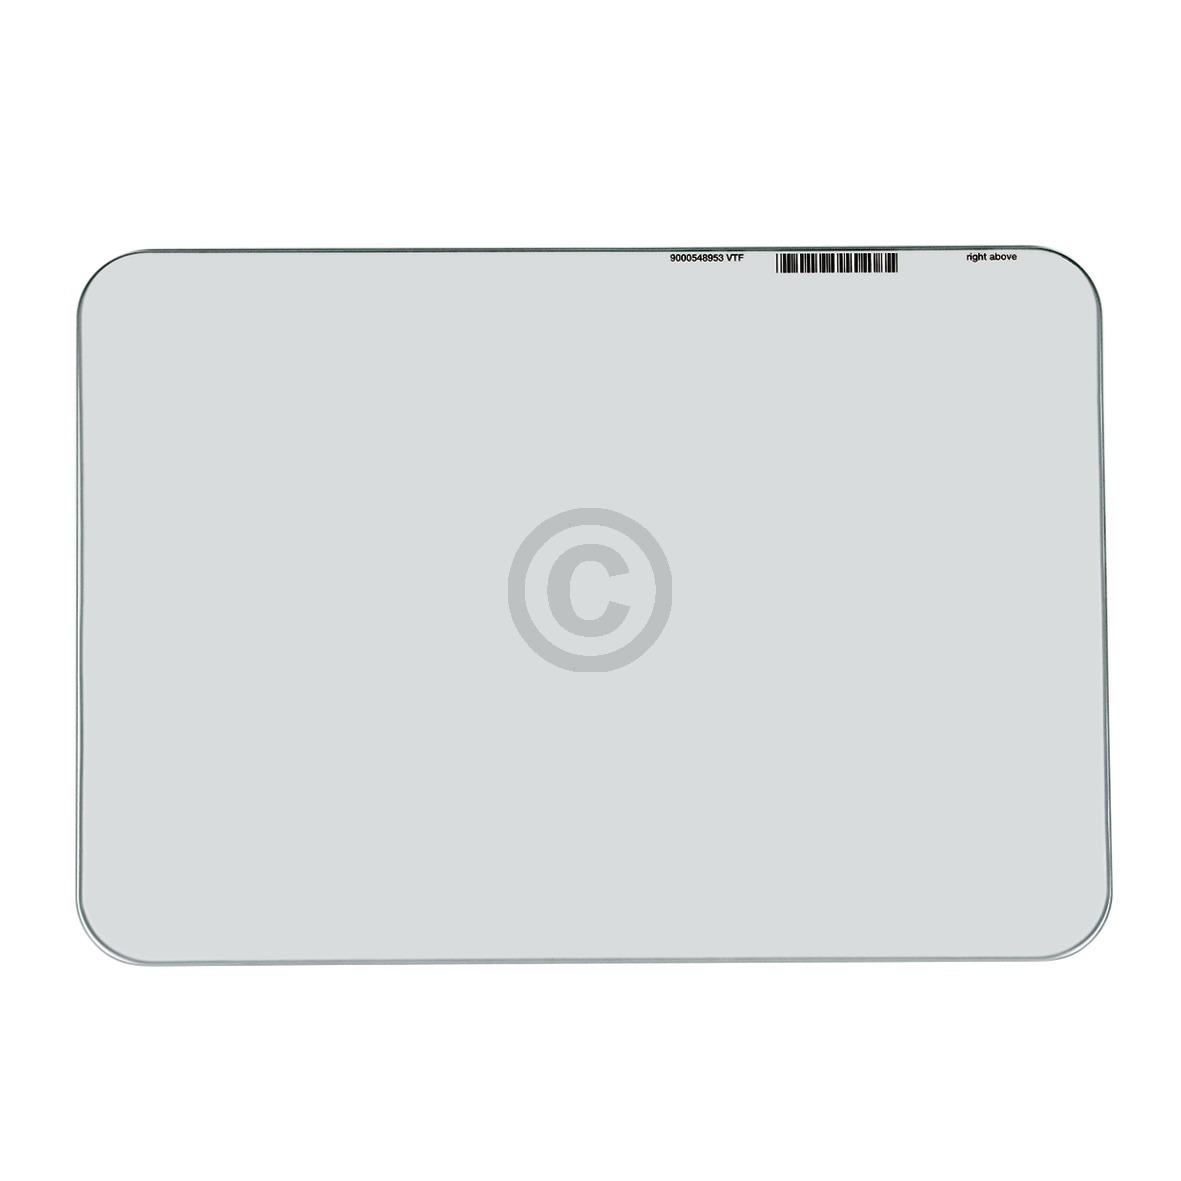 Innenscheibe für Backofentüre, Glasplatte am Innenblech 00680636 680636 Bosch, S